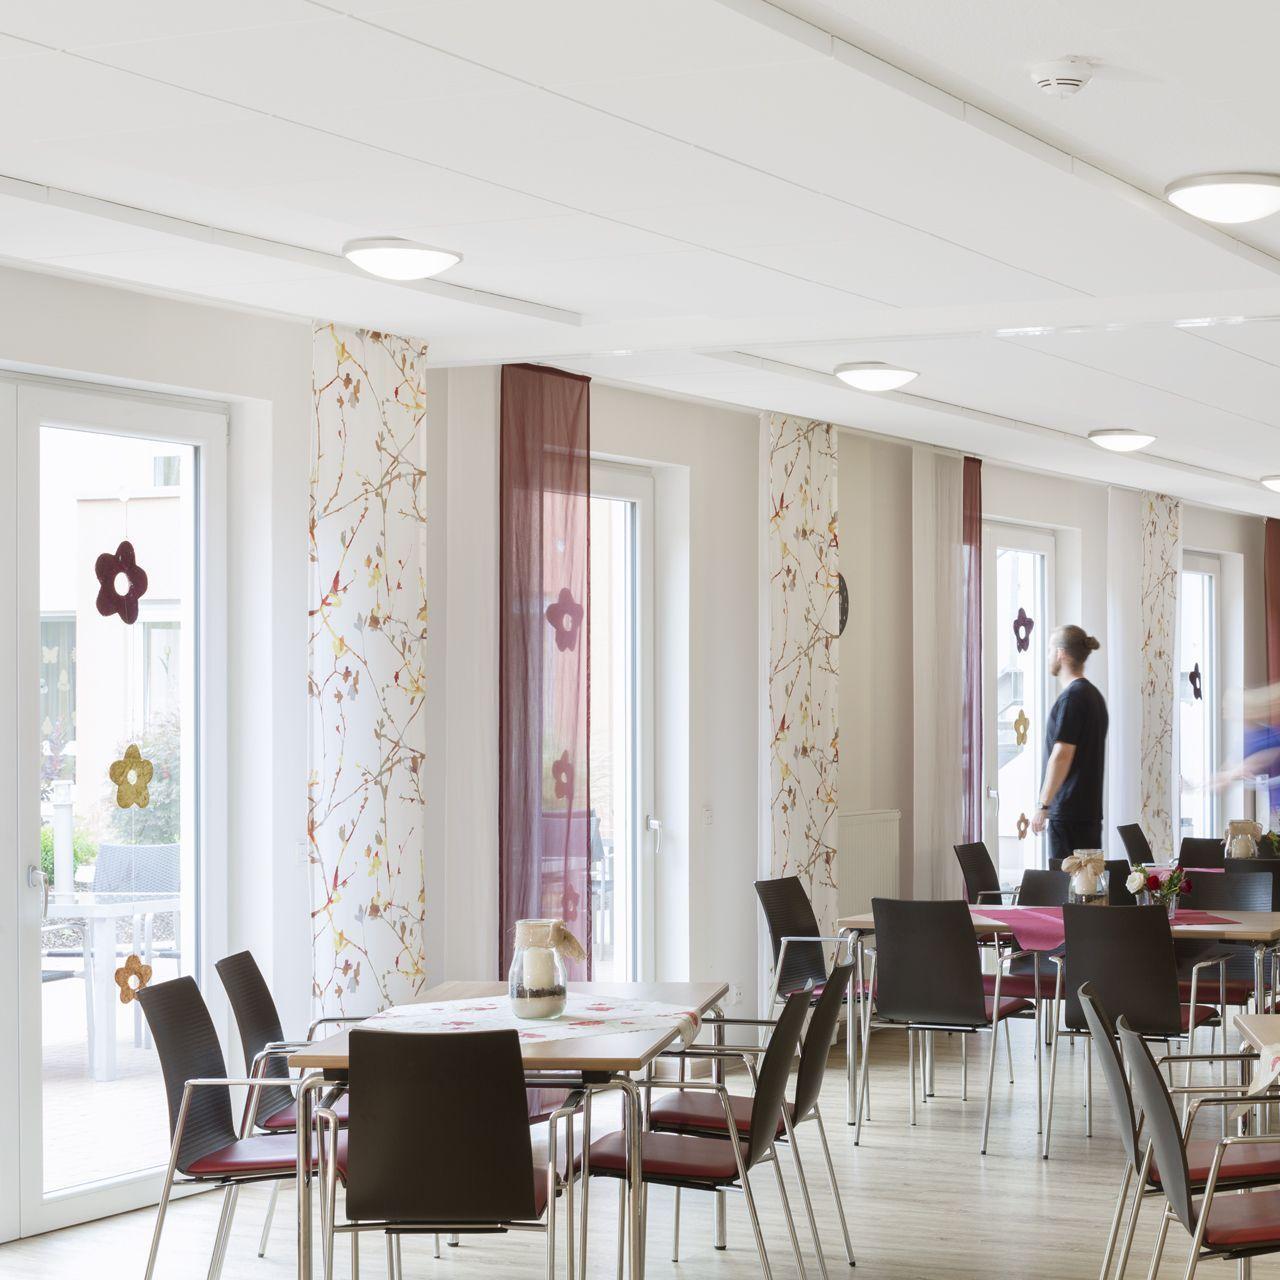 Ecophon akoestische verlijmbare panelen plafond ruimte akoestiek 0000s 0000s 0000 omgeving